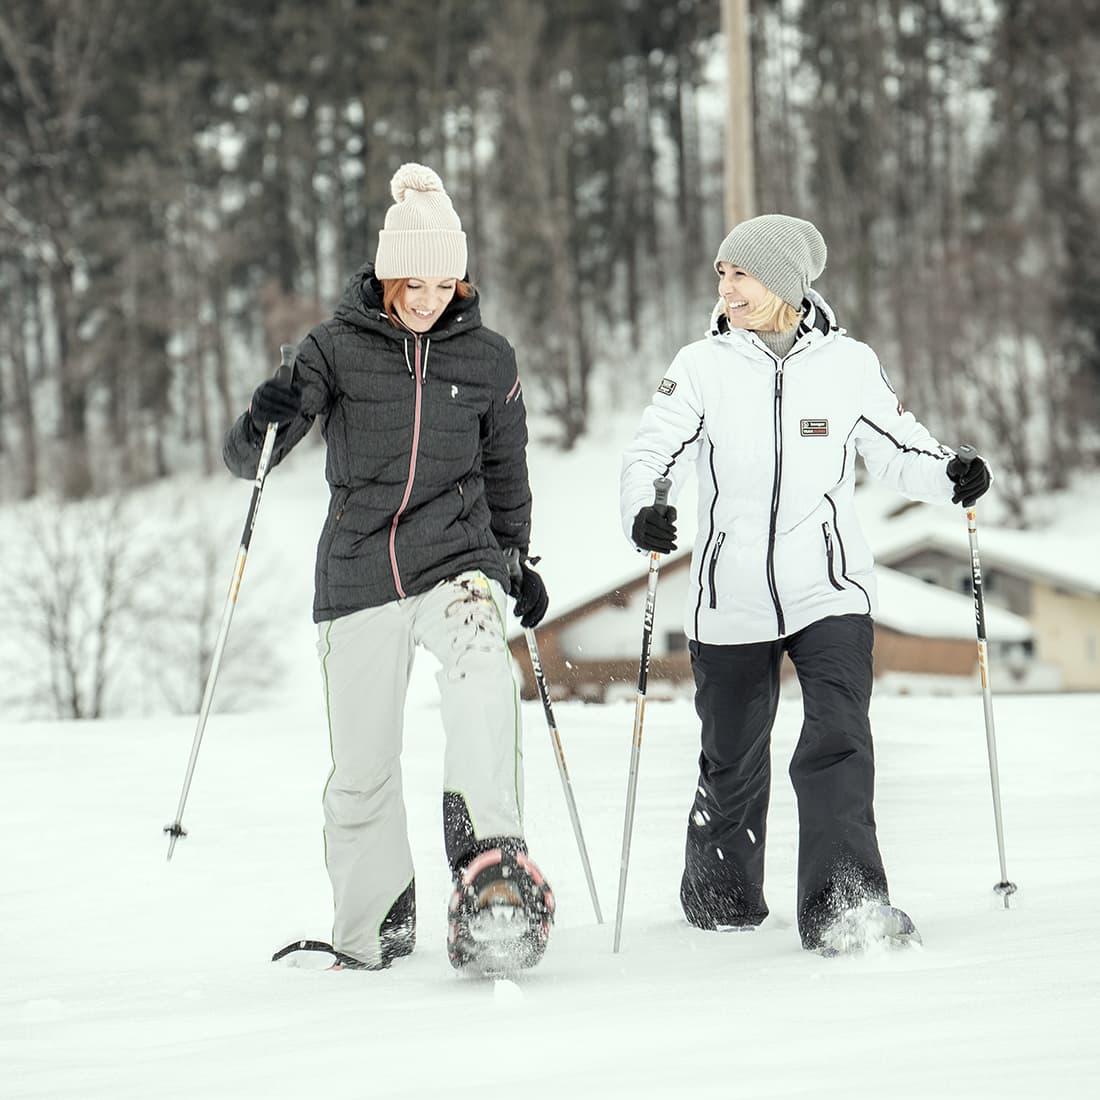 Schneeschuh & Winterwandern